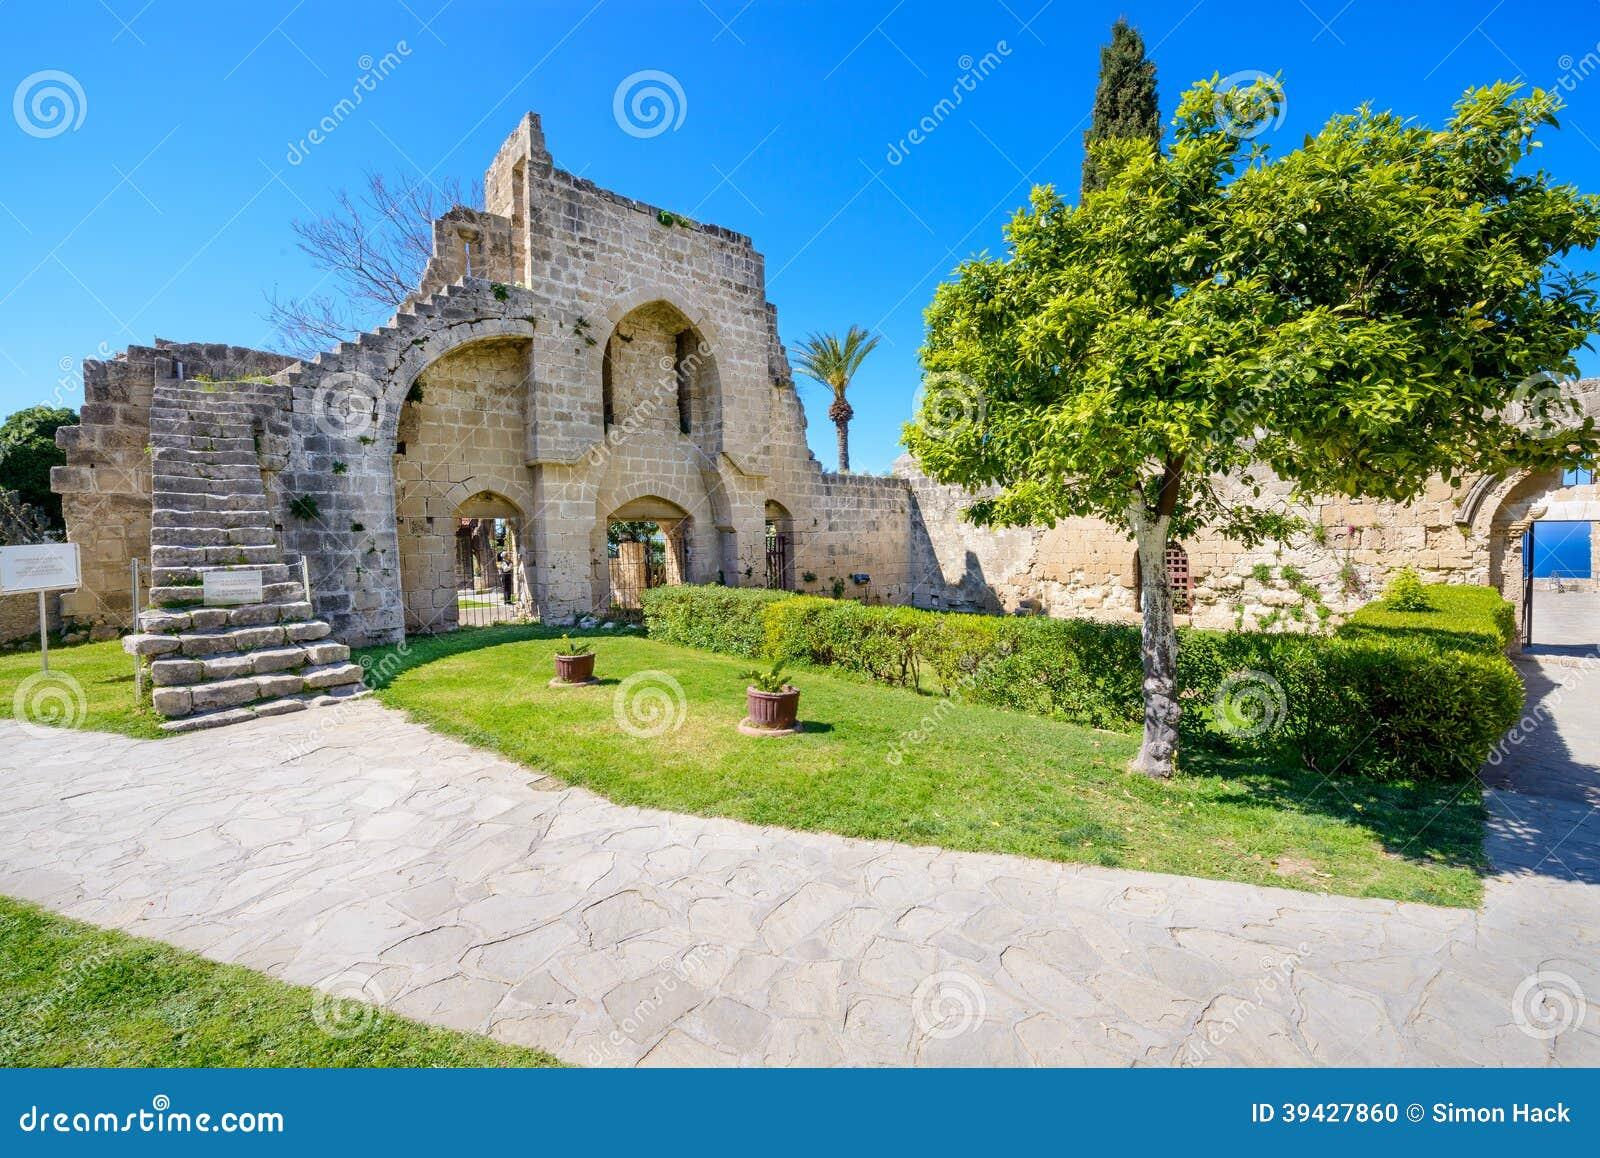 De 13de eeuw Gotisch klooster in Bellapais, noordelijk Cyprus 8